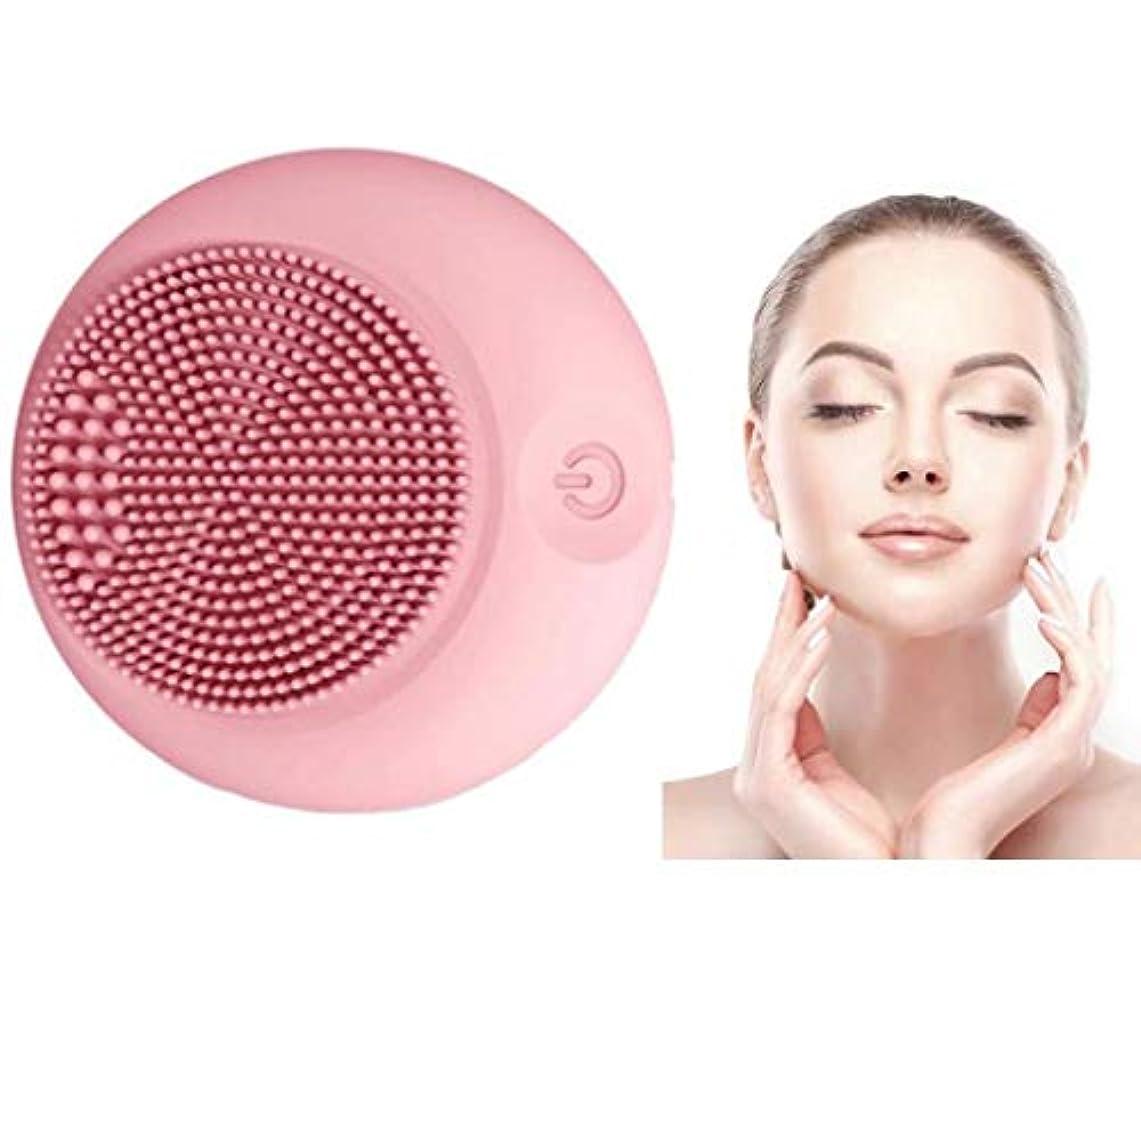 補足つかまえるマーチャンダイジングクレンジング楽器、シリコンクレンジングブラシ、電動ウォッシュブラシ、シリコンフェイシャルマッサージ、ポータブル超音波振動、肌を清潔に保ち、防水、すべての肌タイプに適して (Color : Pink)